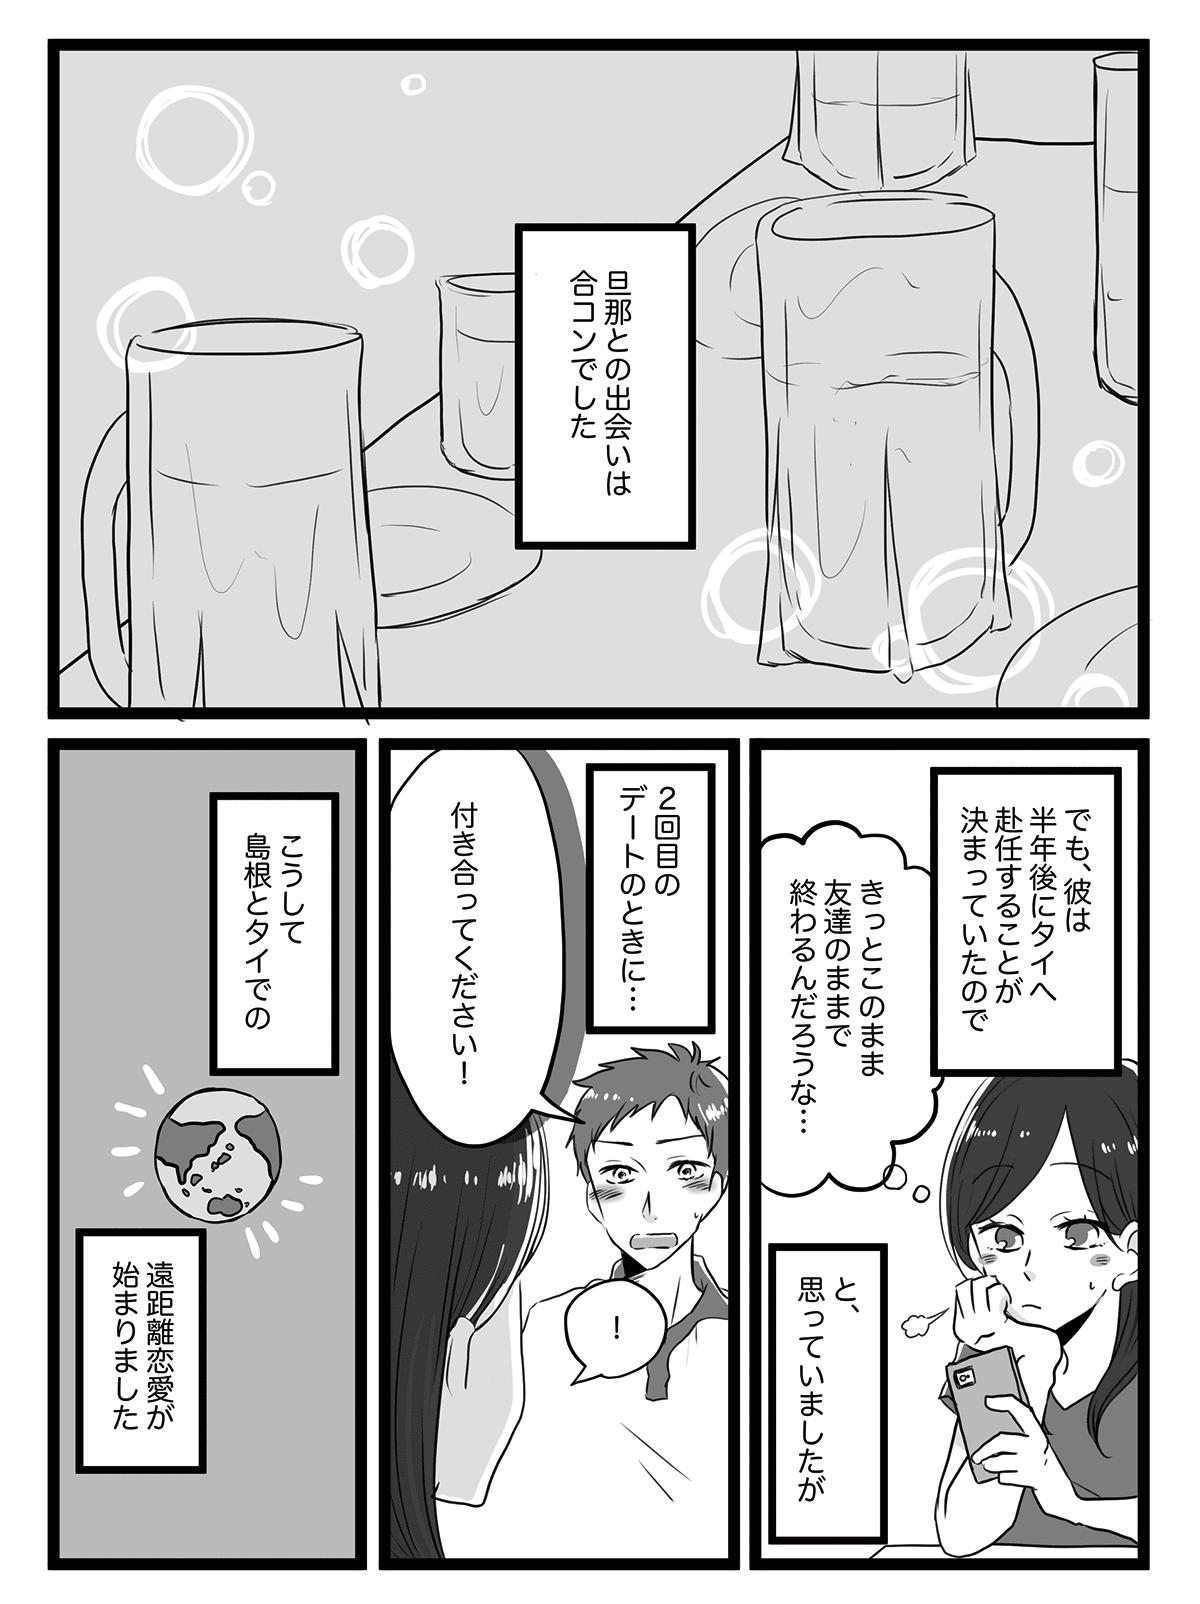 ママスタ とむらみき